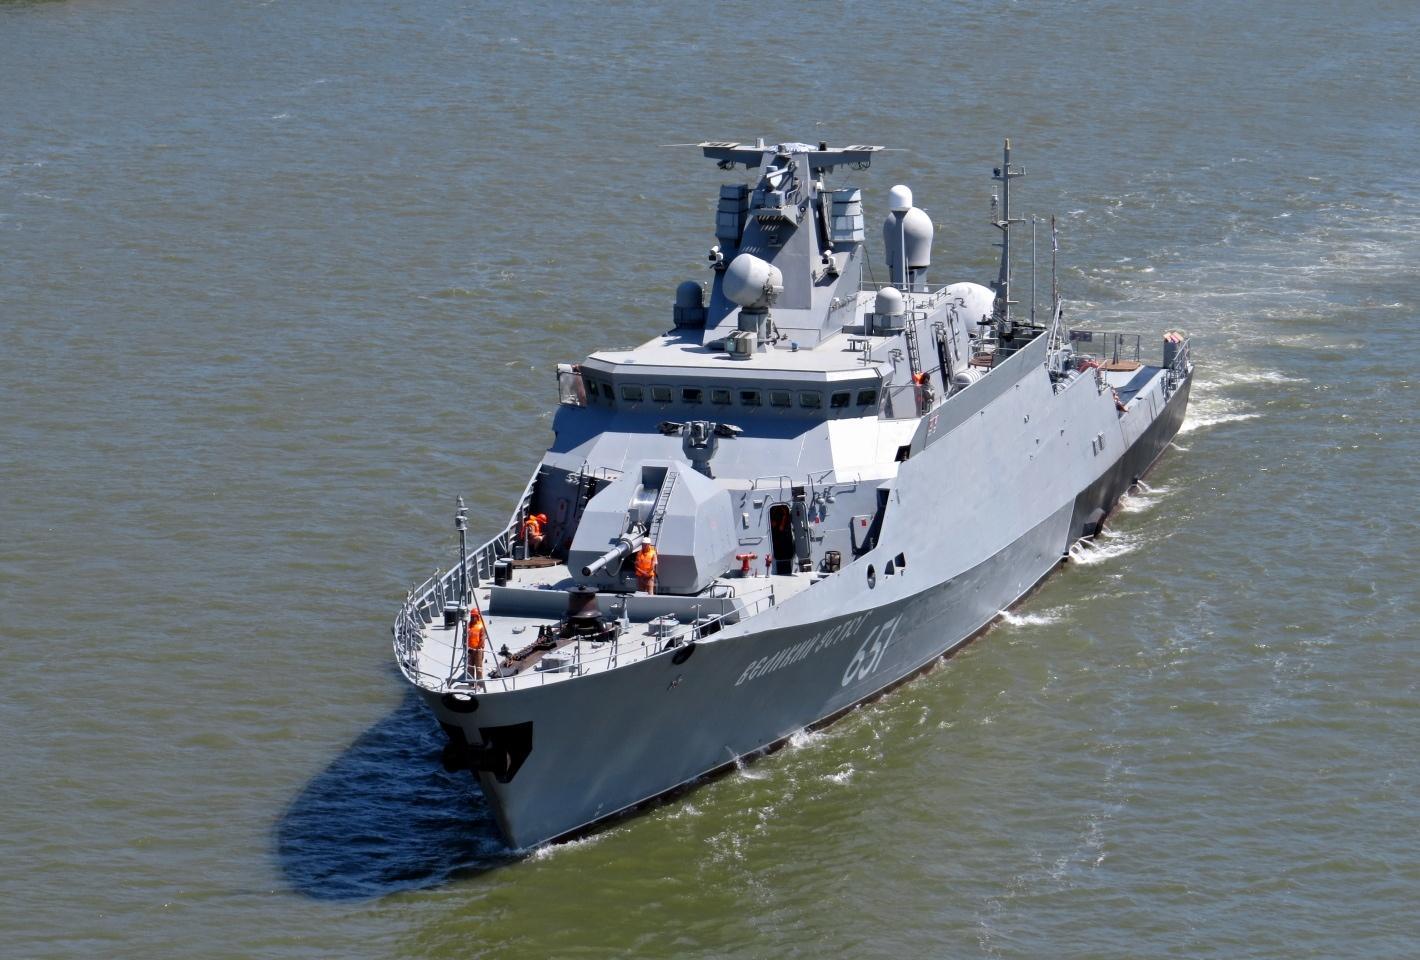 ВСредиземное море вошли русские корветы сракетами «Калибр» наборту